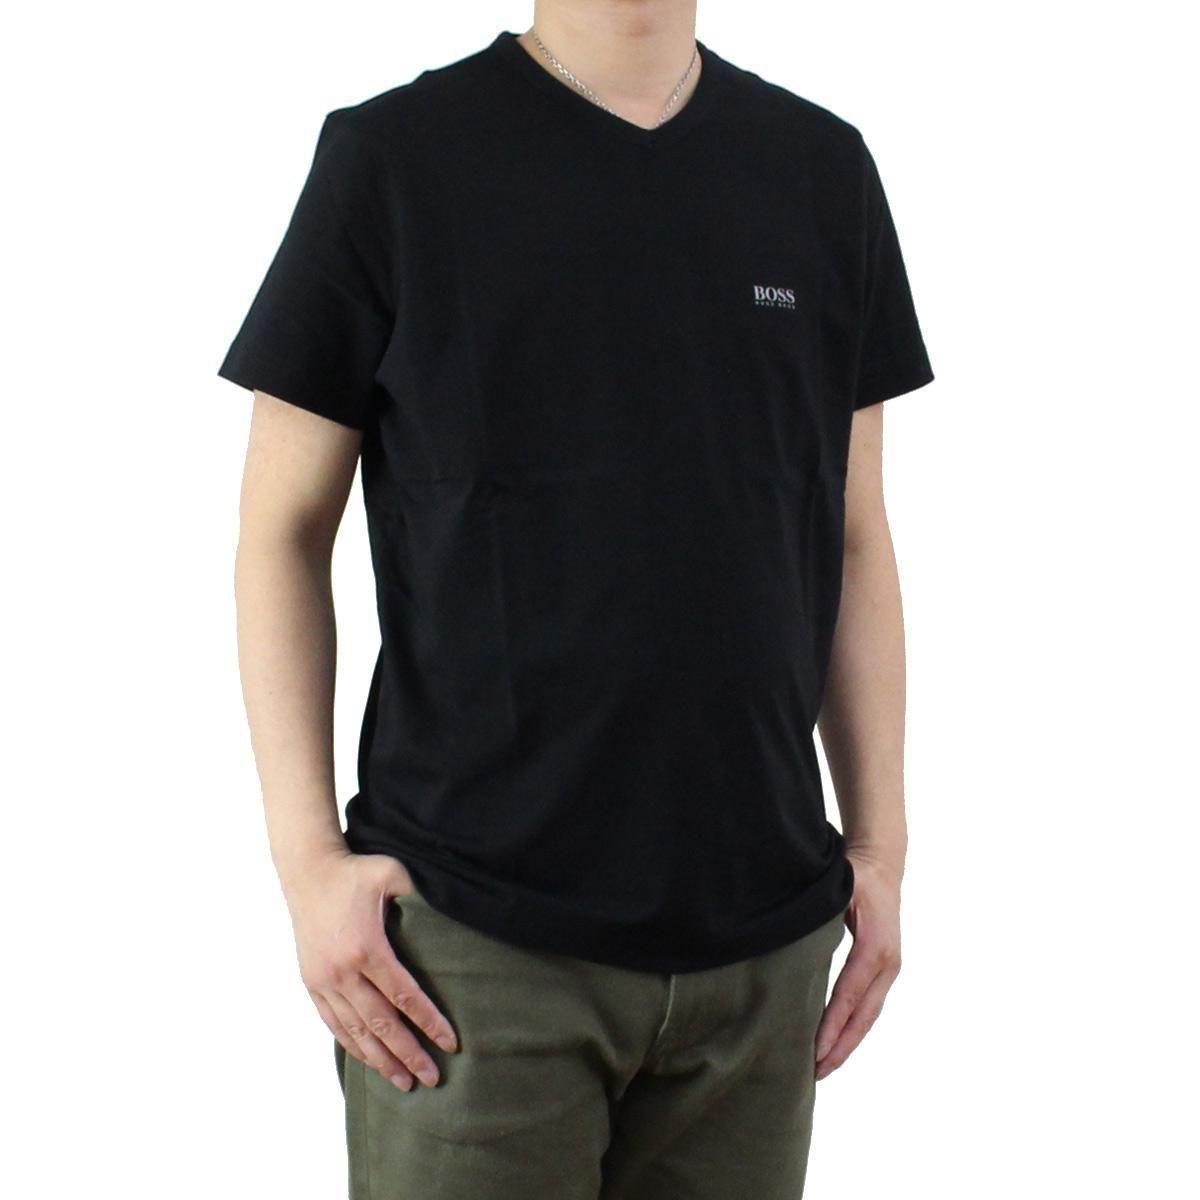 ヒューゴ・ボス(HUGO BOSS) TEEVN メンズTシャツ